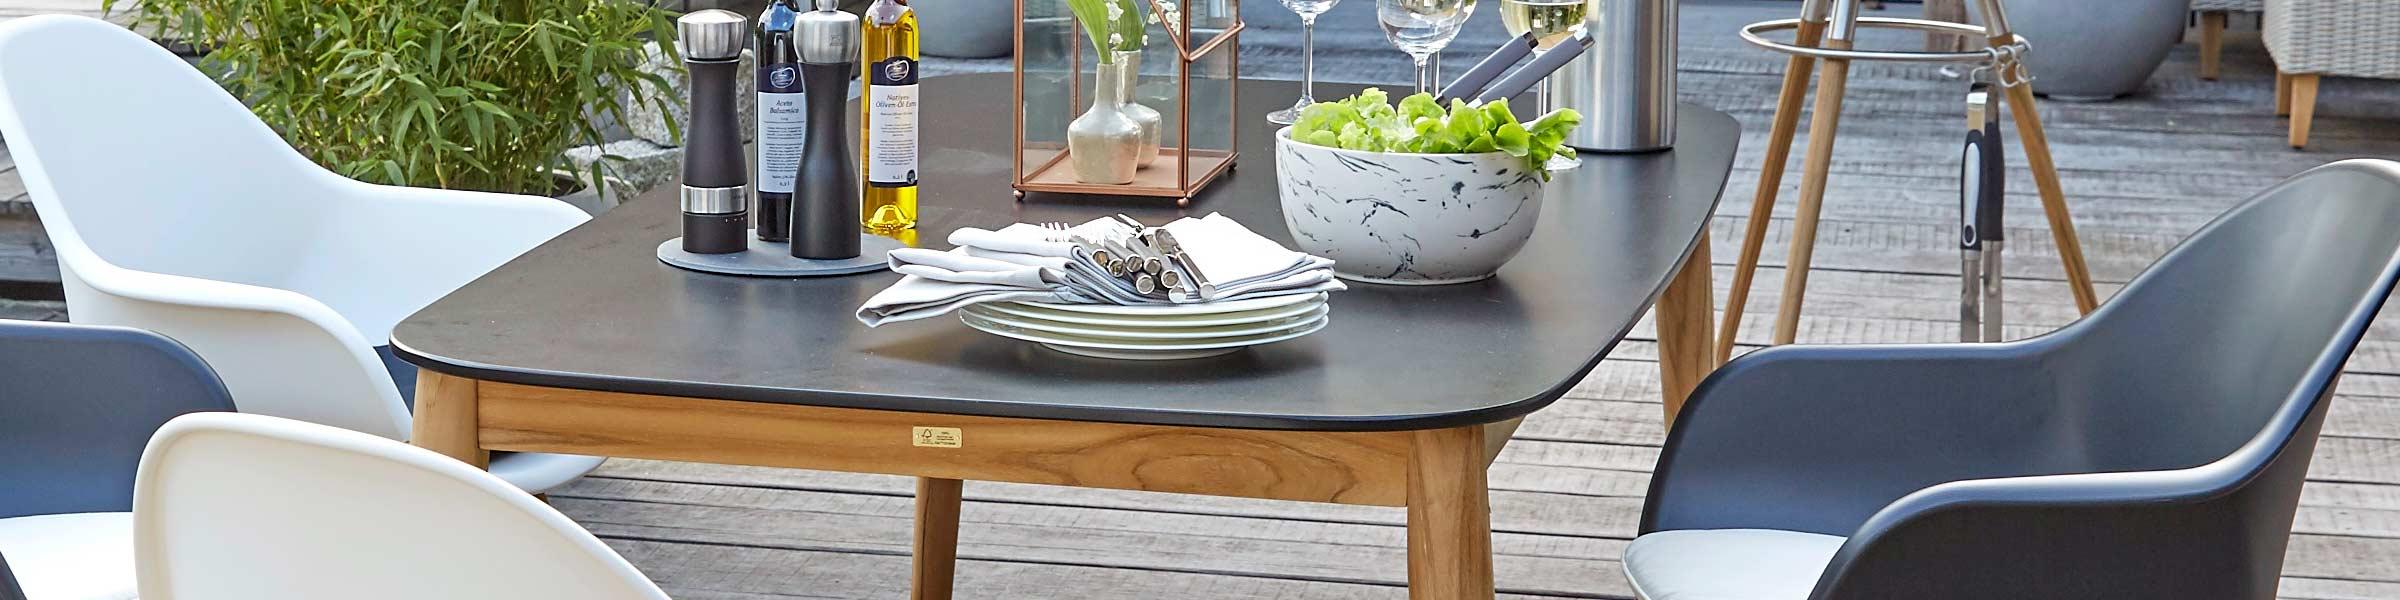 gartentisch ausziehbar guenstig gallery of von kettler und mbel gnstig online fr gartentisch x. Black Bedroom Furniture Sets. Home Design Ideas